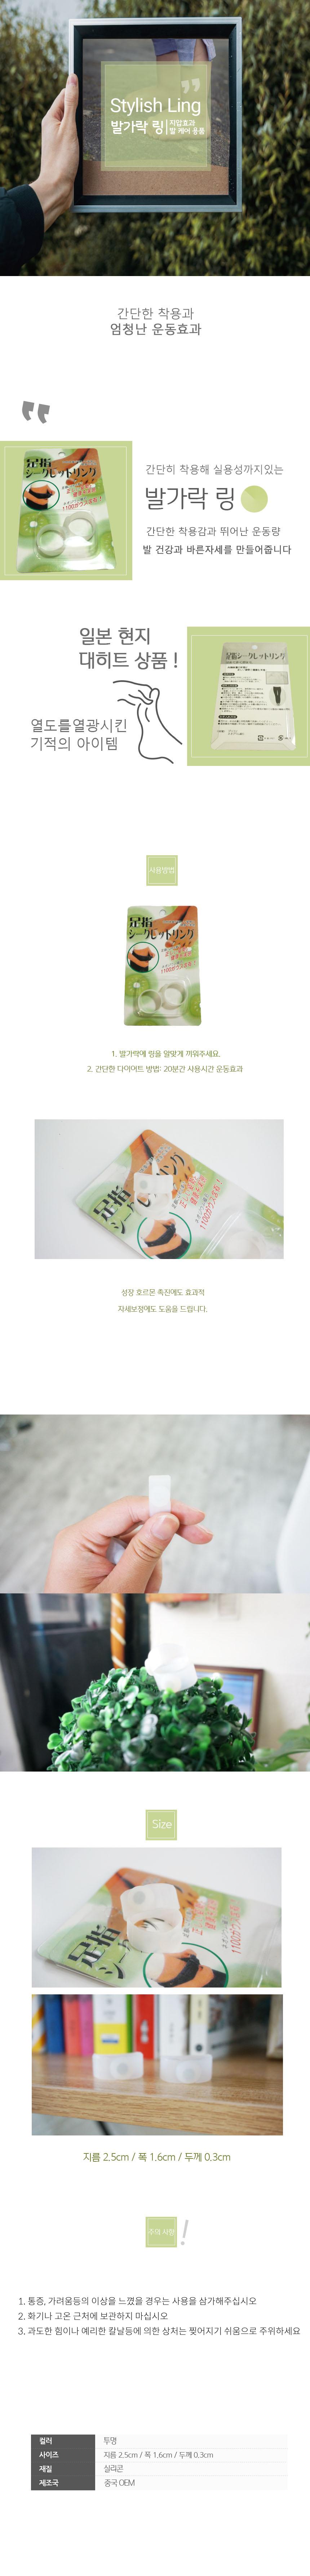 다이어트 발가락 링 - 겔럭시인, 3,800원, 운동기구/소품, 운동소품